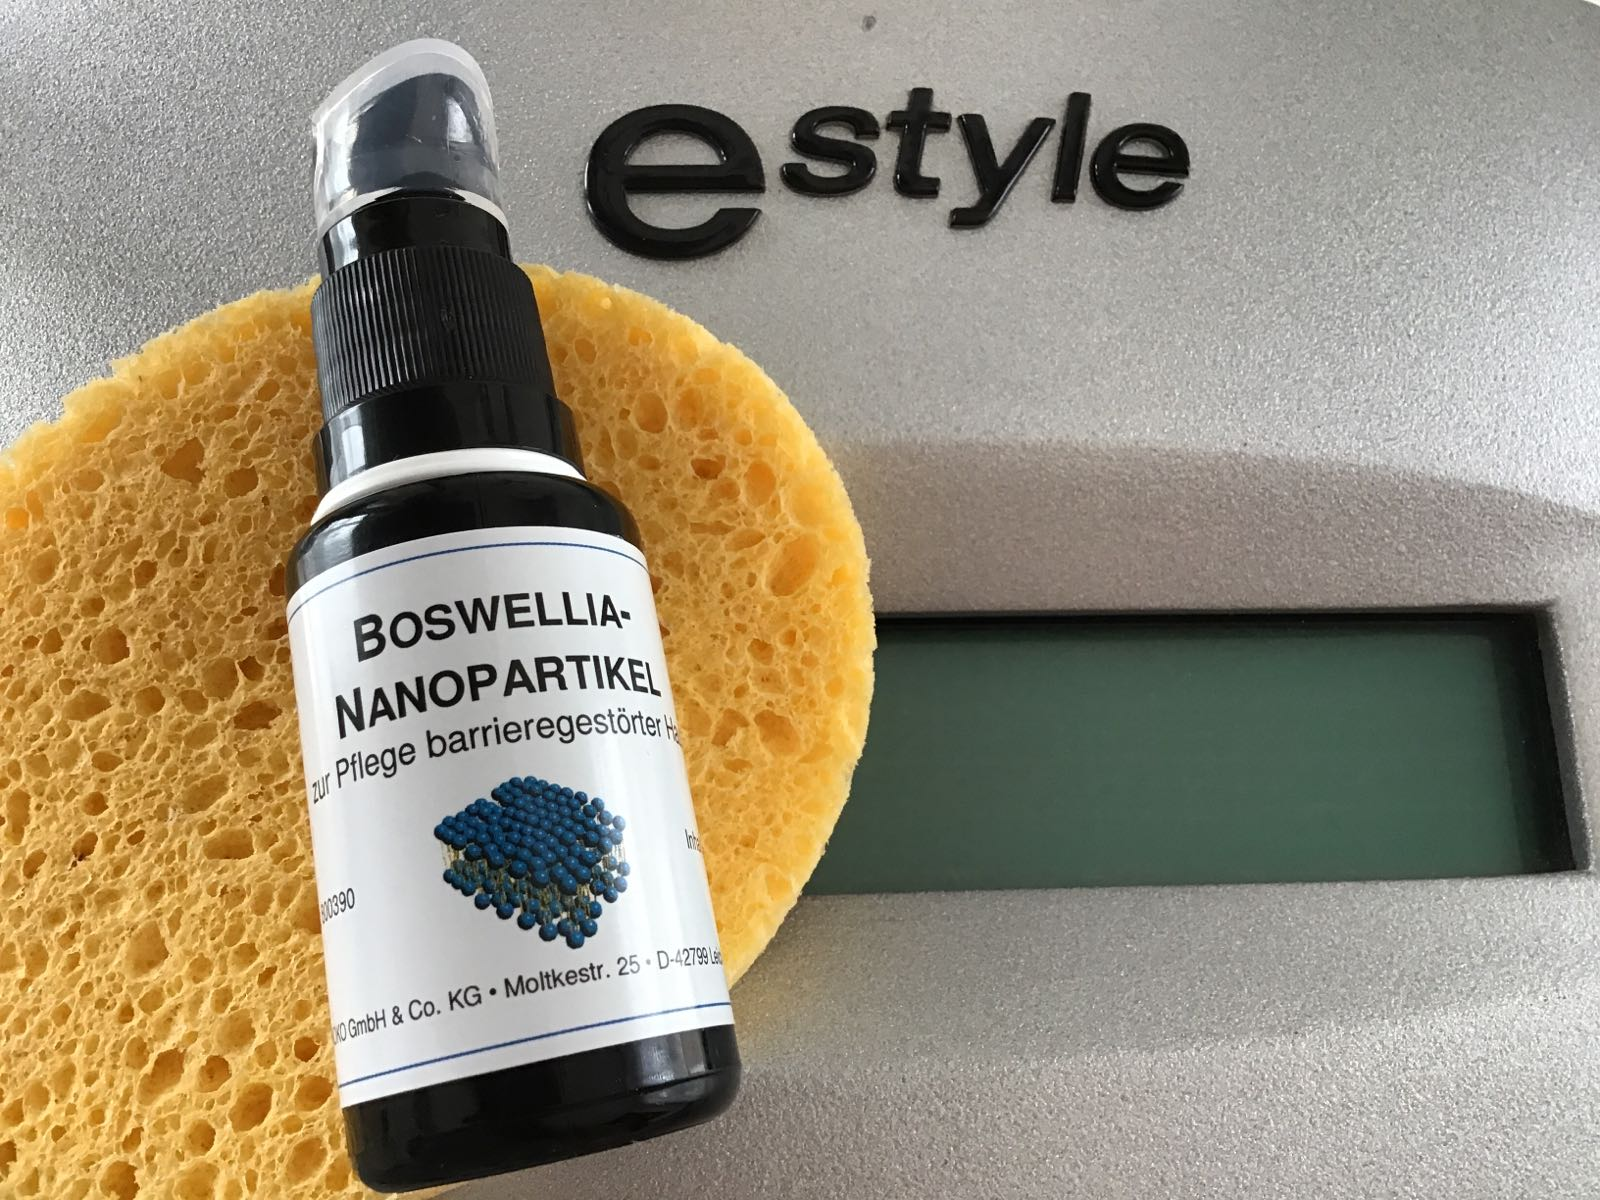 Boswellia Nanopartikel